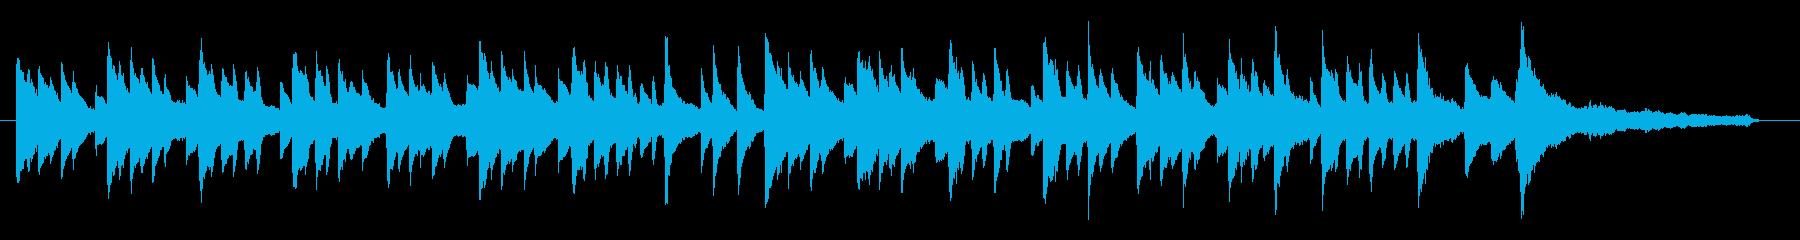 場面展開にも使える切ないピアノ曲の再生済みの波形